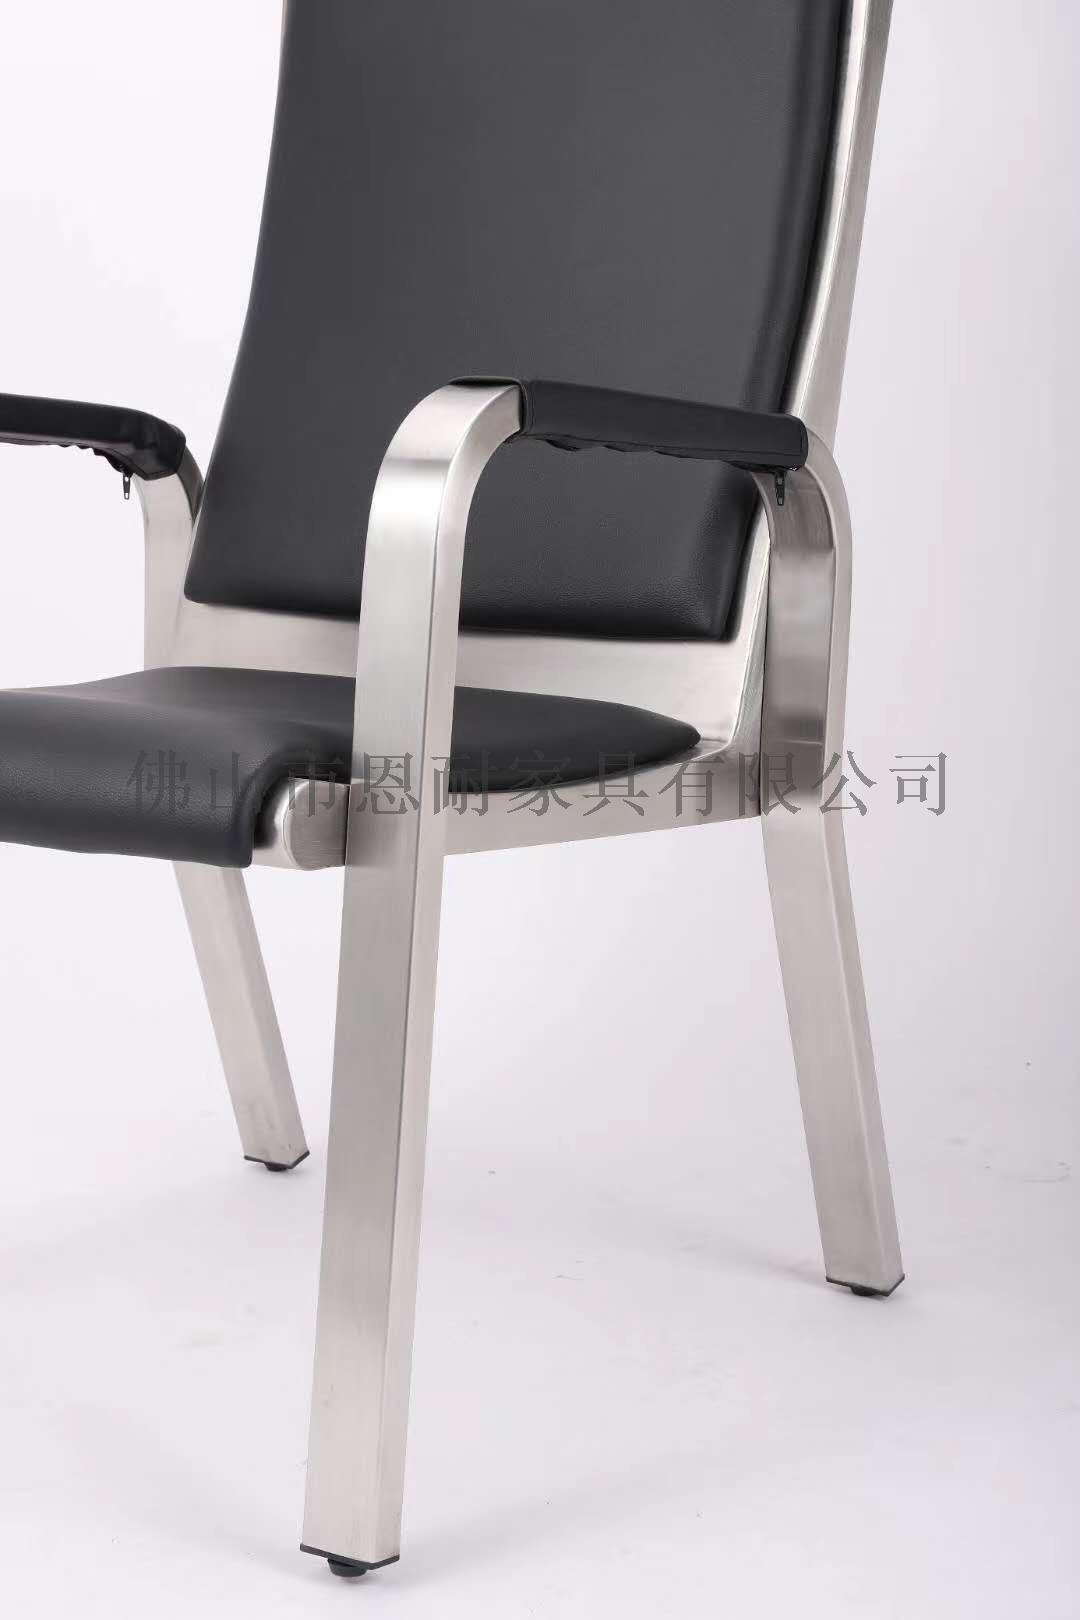 不锈钢排椅厂家 不锈钢平板椅 不锈钢监盘椅932820395